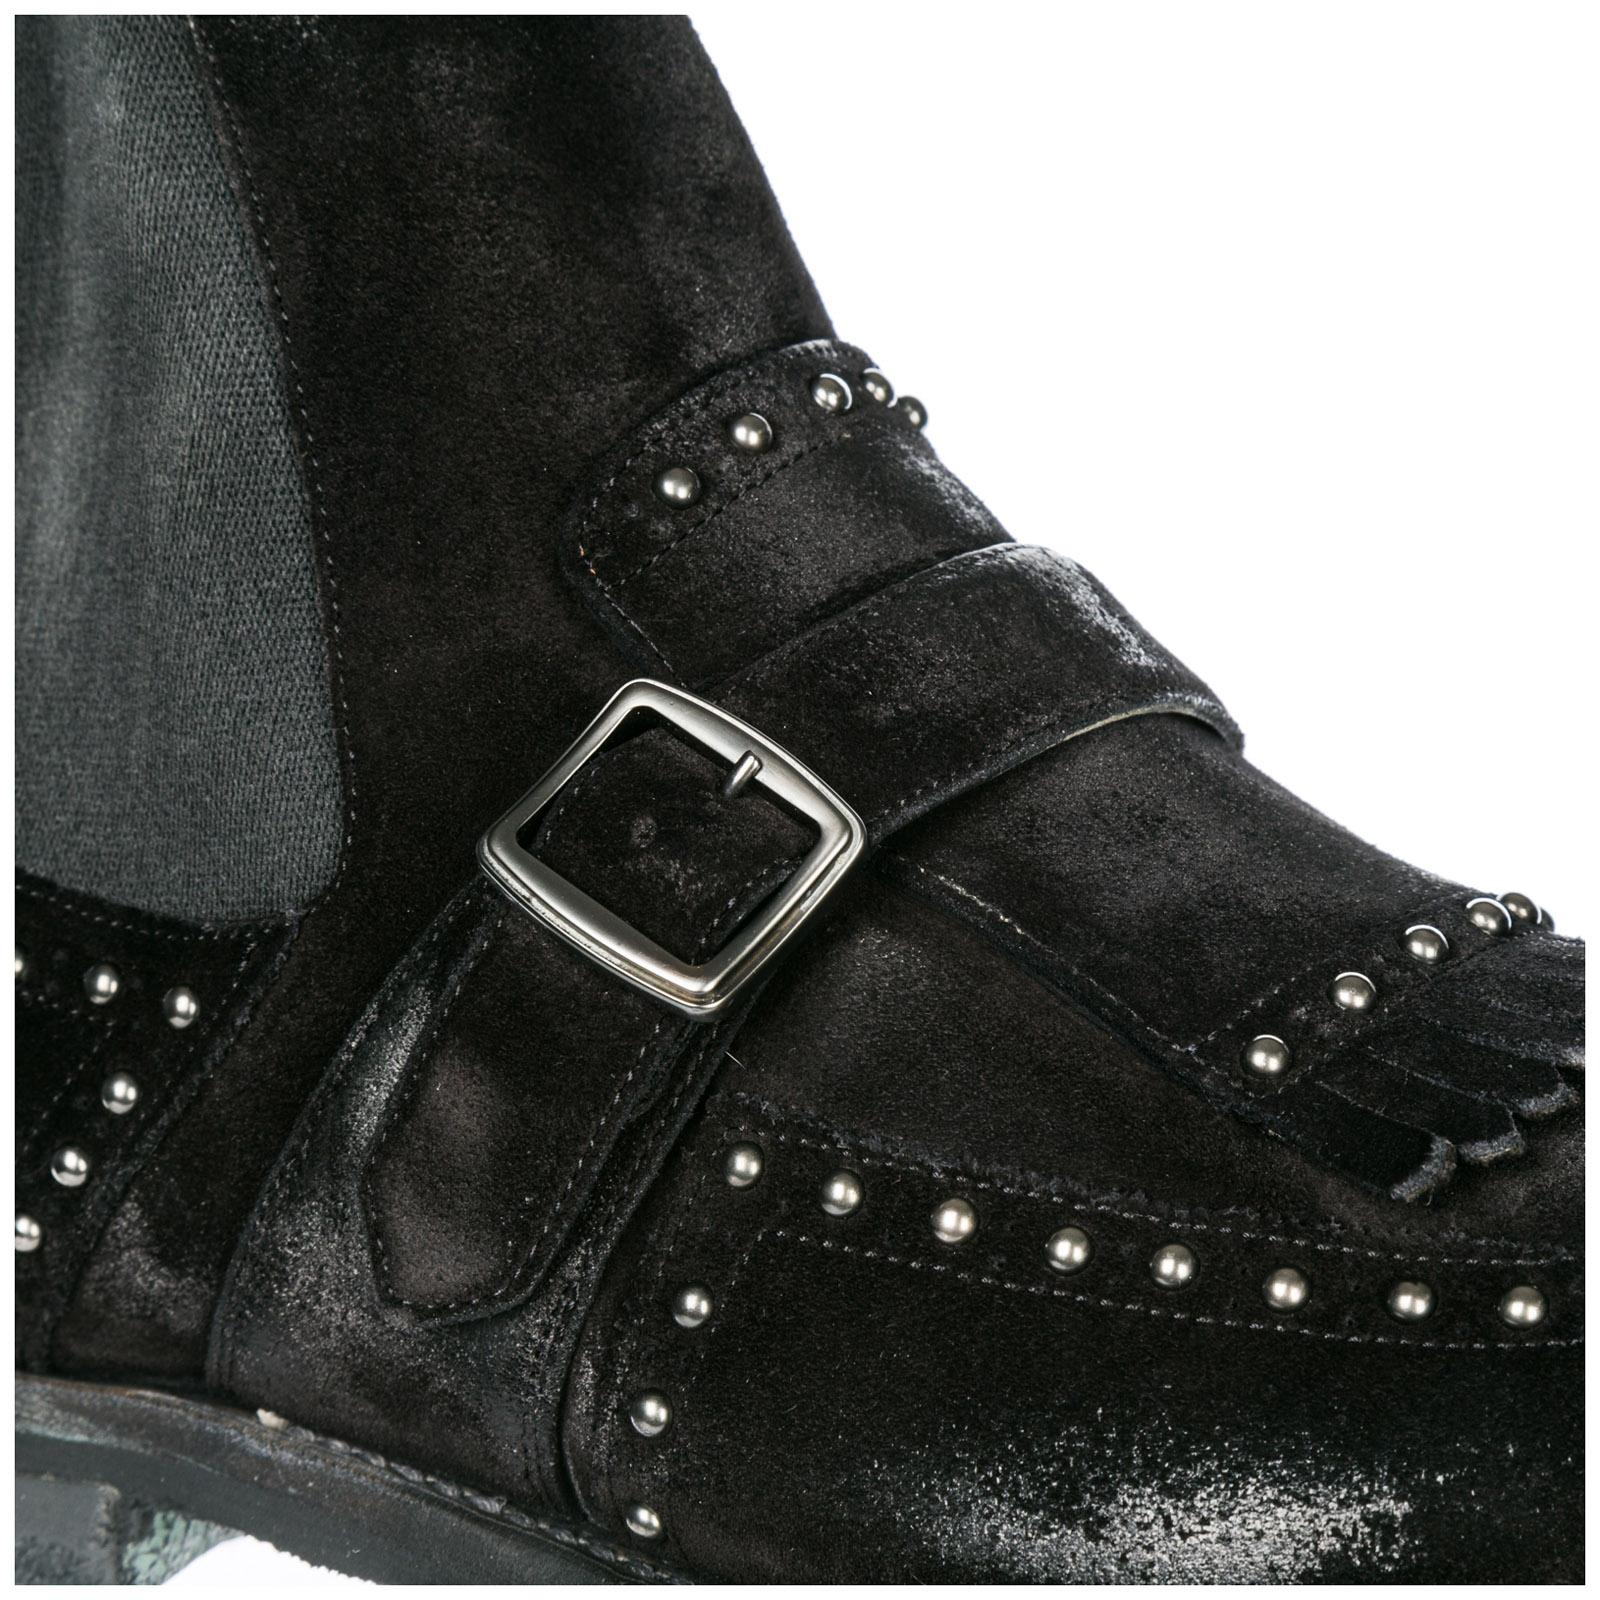 nuovo prodotto ebc15 3317c Stivaletti stivali uomo in camoscio shanghai